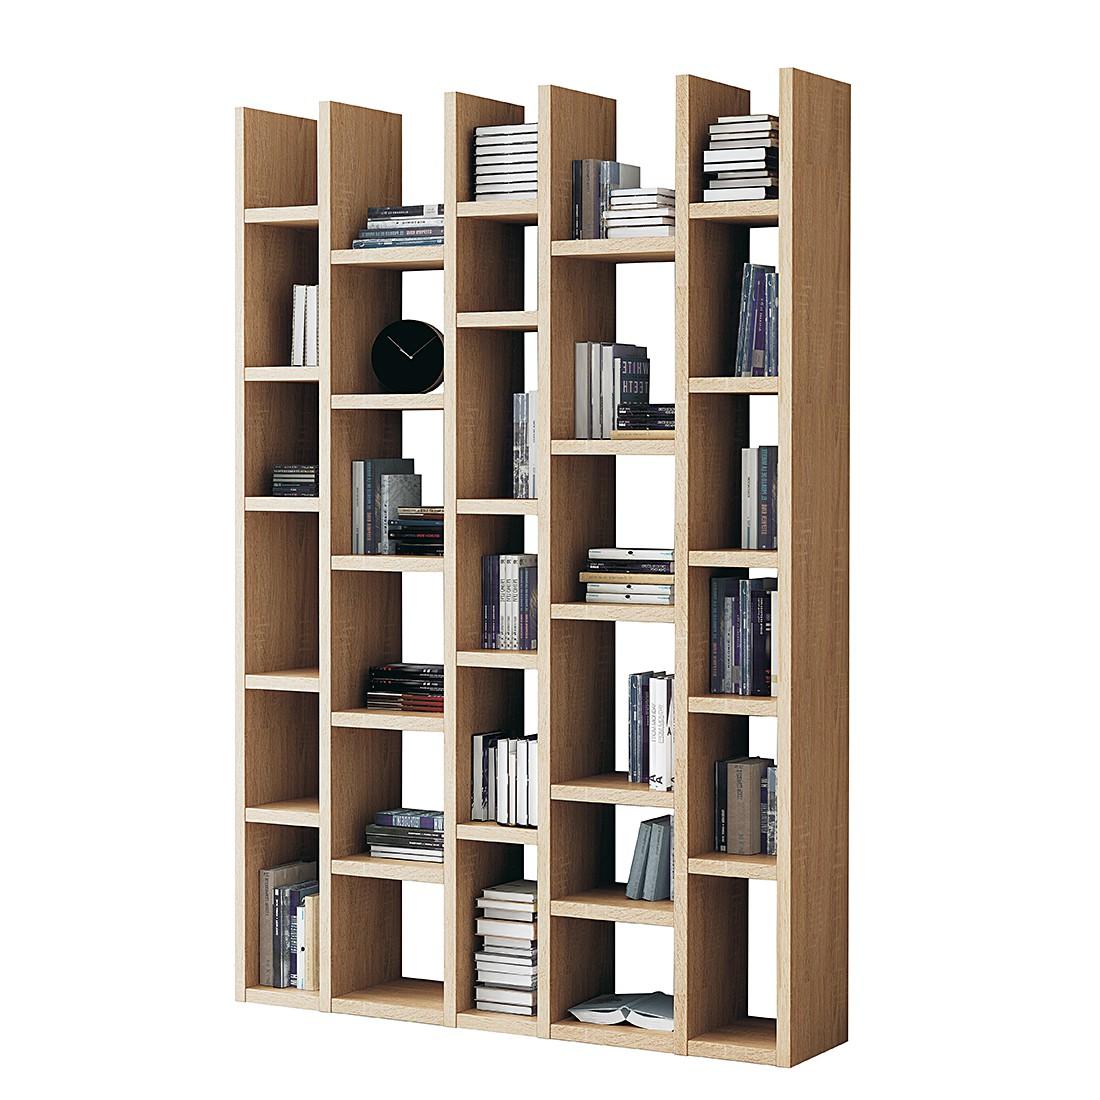 Bücherregal Emporior I - Sonoma Eiche Dekor